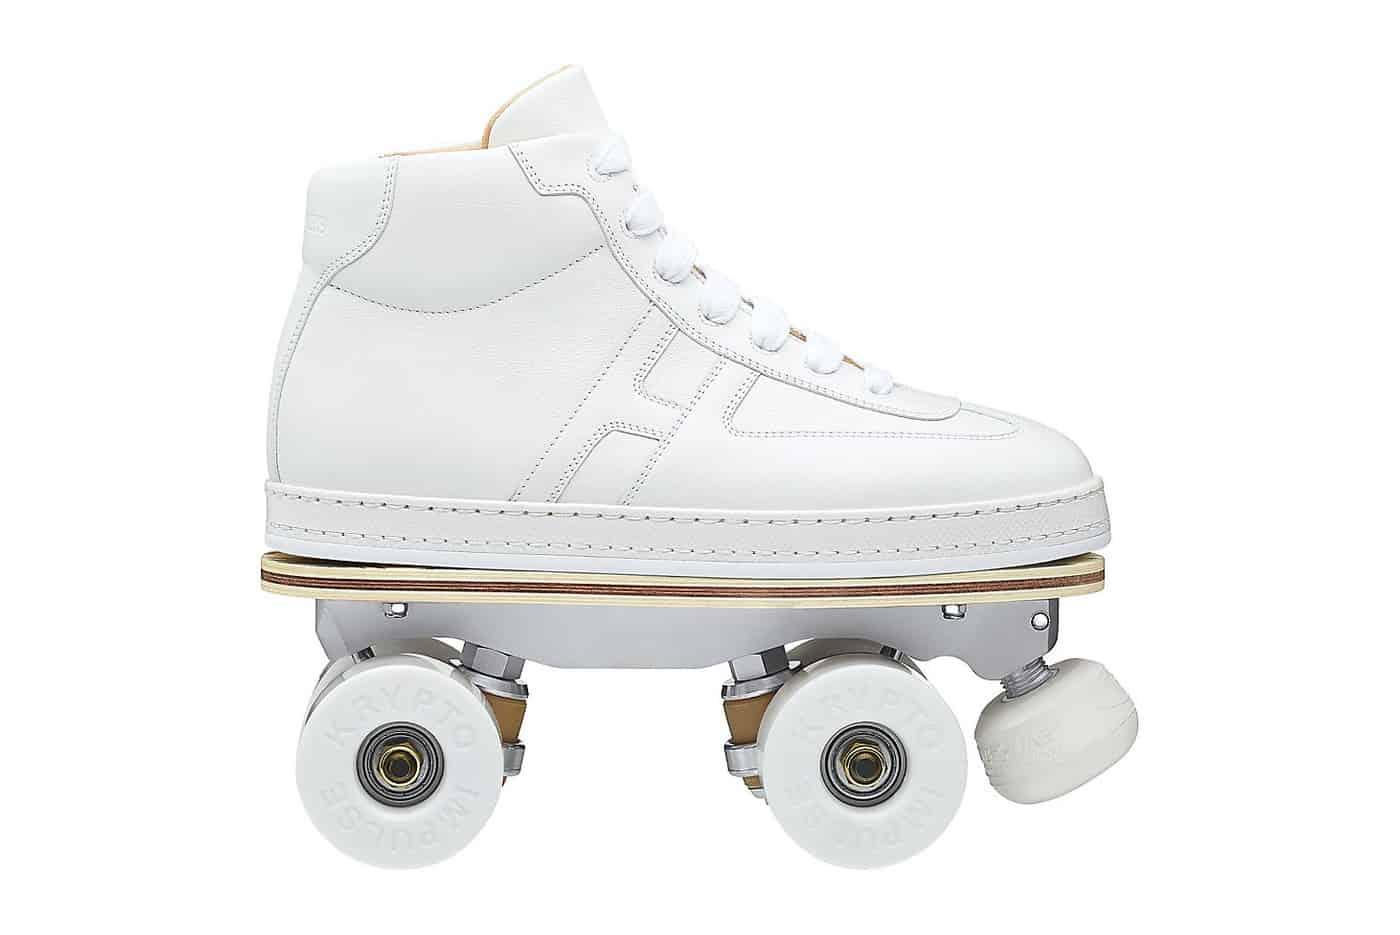 Mẫu giày patin giá sốc do hãng Hermès sản xuất